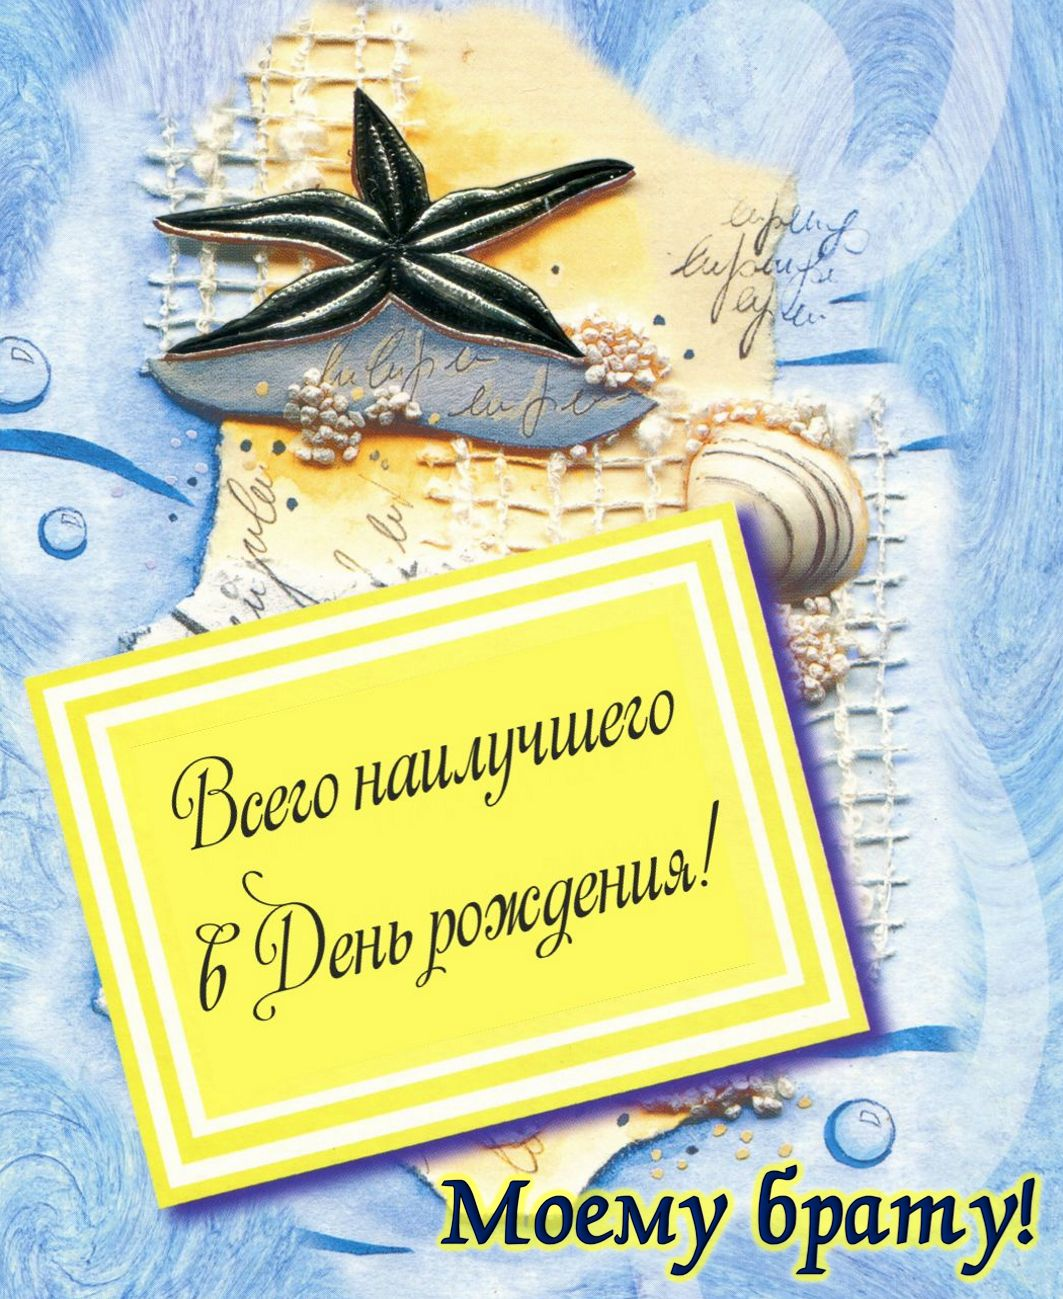 Словами, оригинальная открытка с днем рождения брату